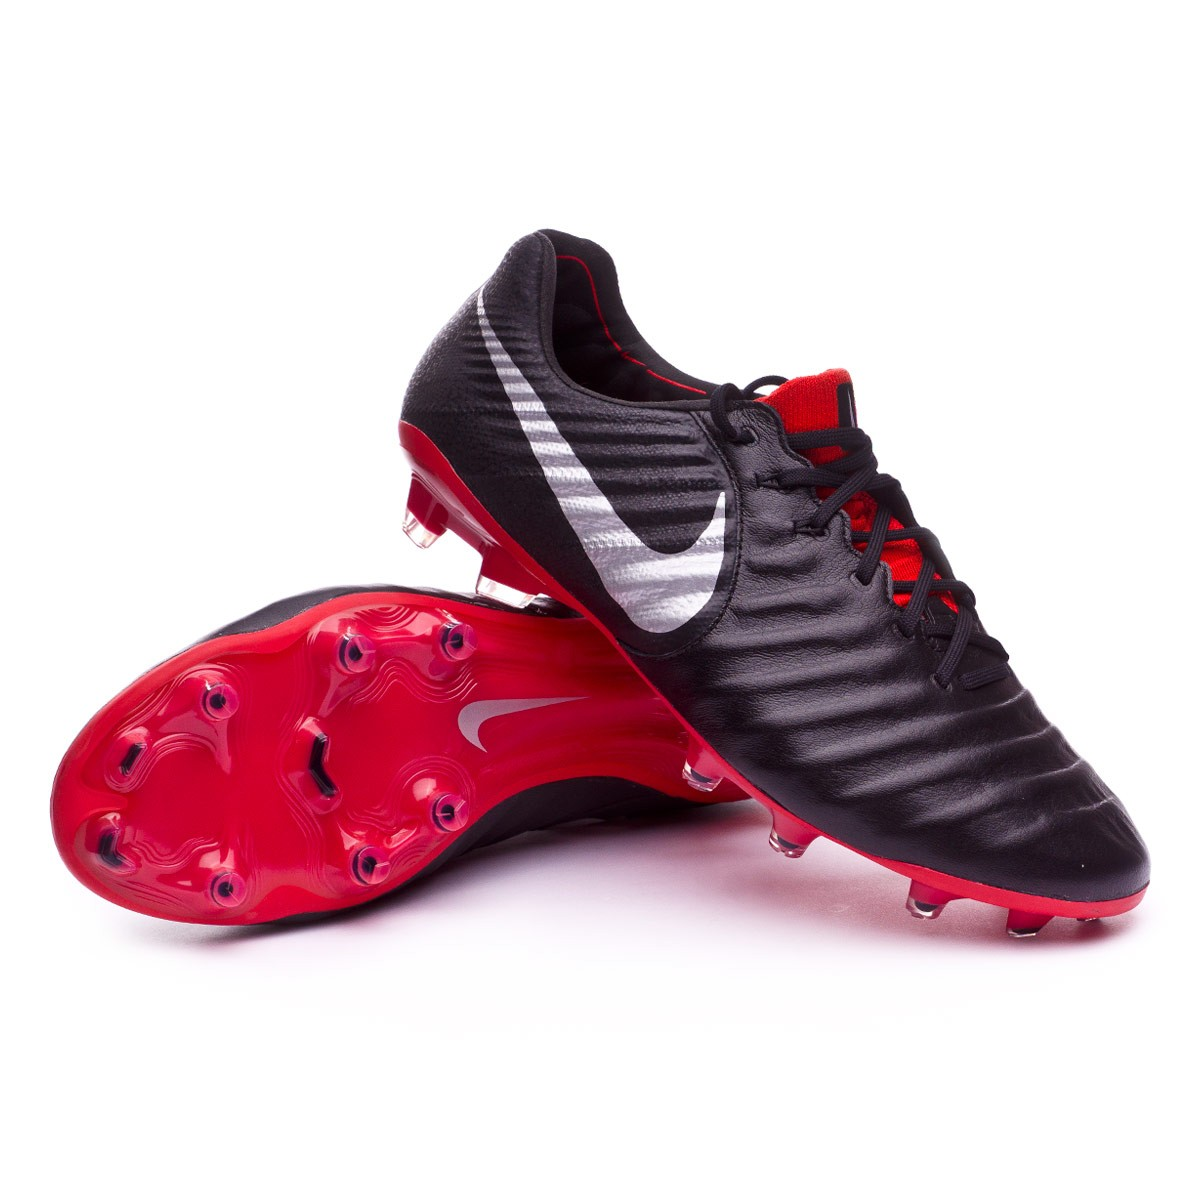 cb86e711a23a Football Boots Nike Tiempo Legend VII Elite FG Black-Metallic silver ...